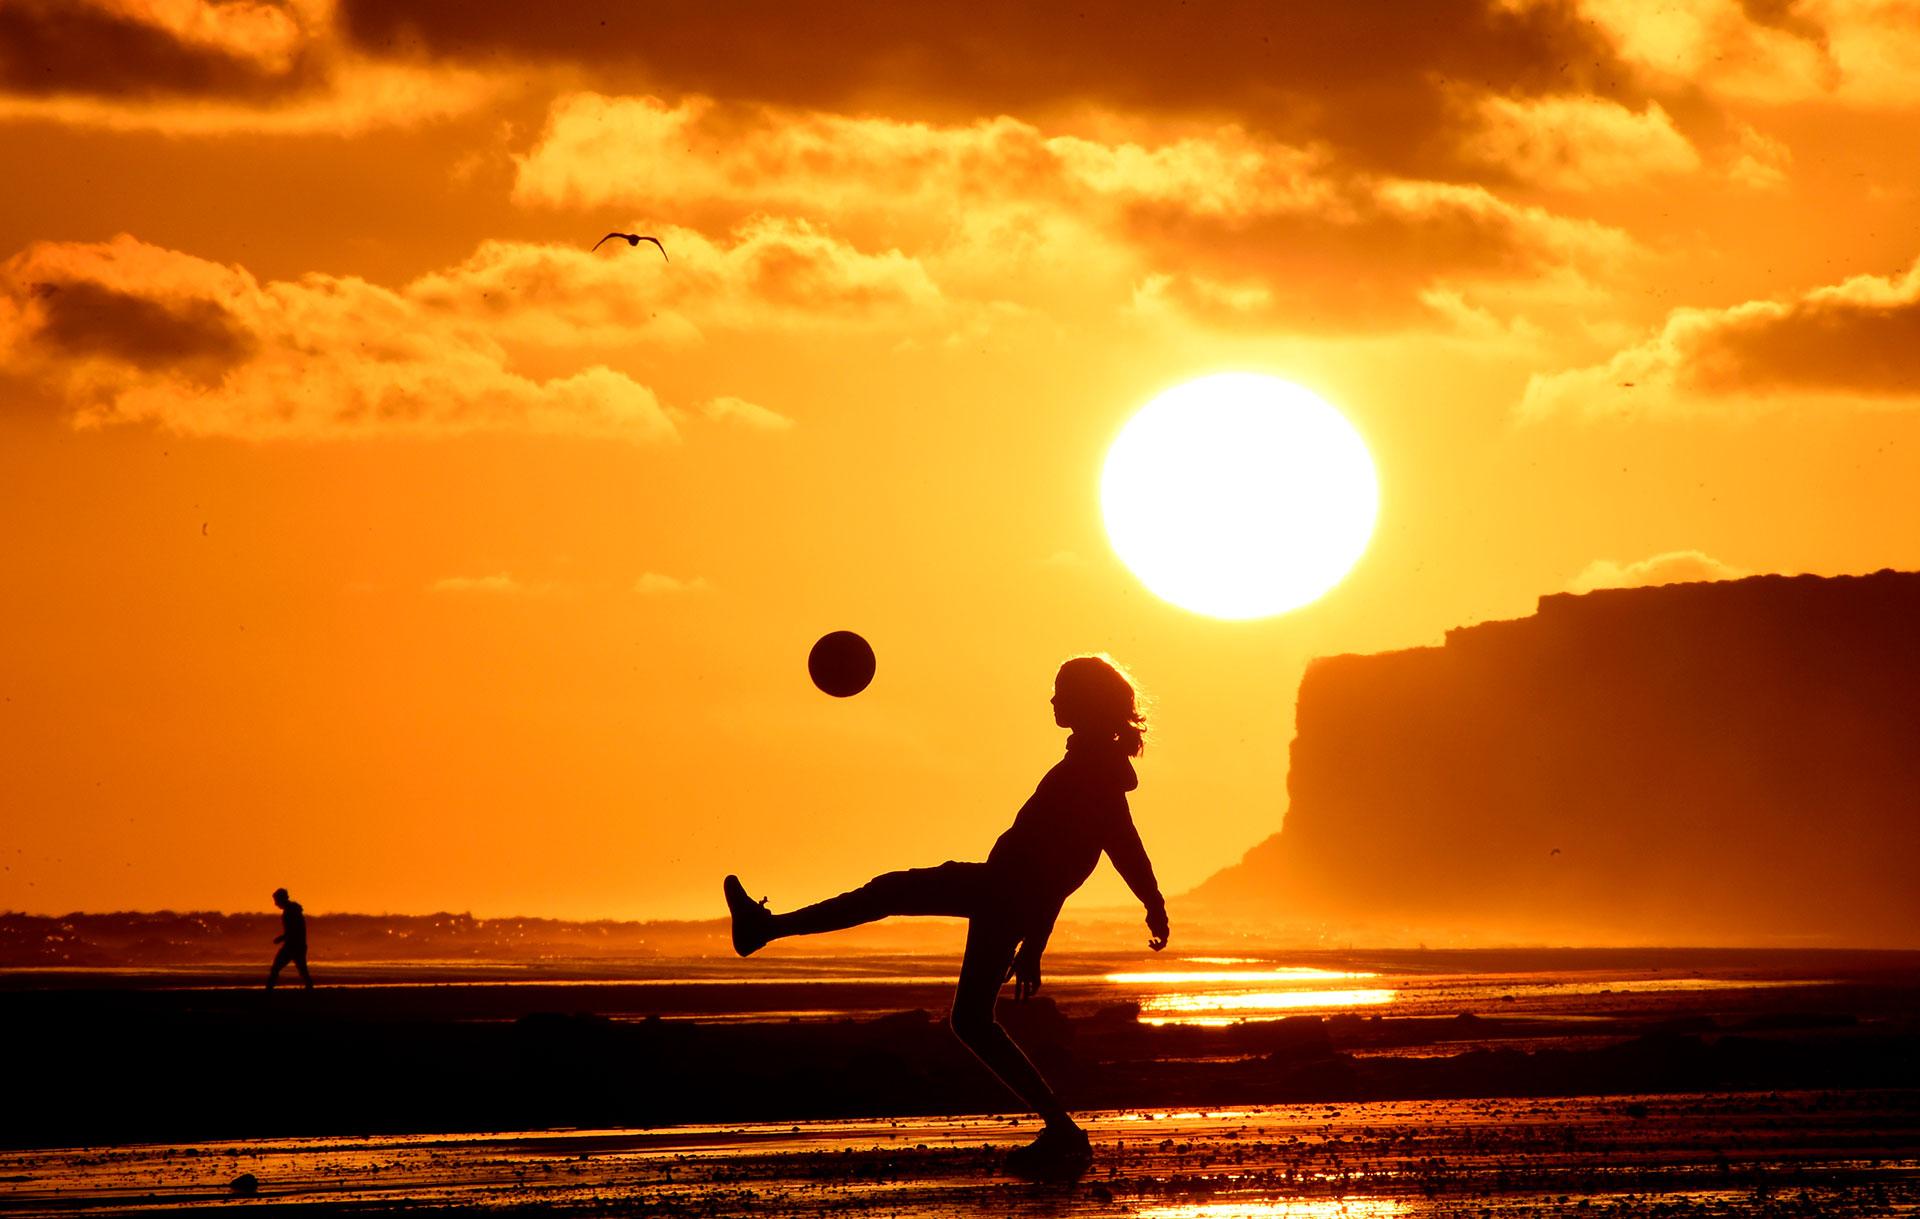 Debido al calor, los residentes y turistas aprovechan hasta el último minuto de sol en los balnearios el Cóndor, la Lobería, el Espigón y Playa Bonita para realizar todo tipo de actividades recreativas